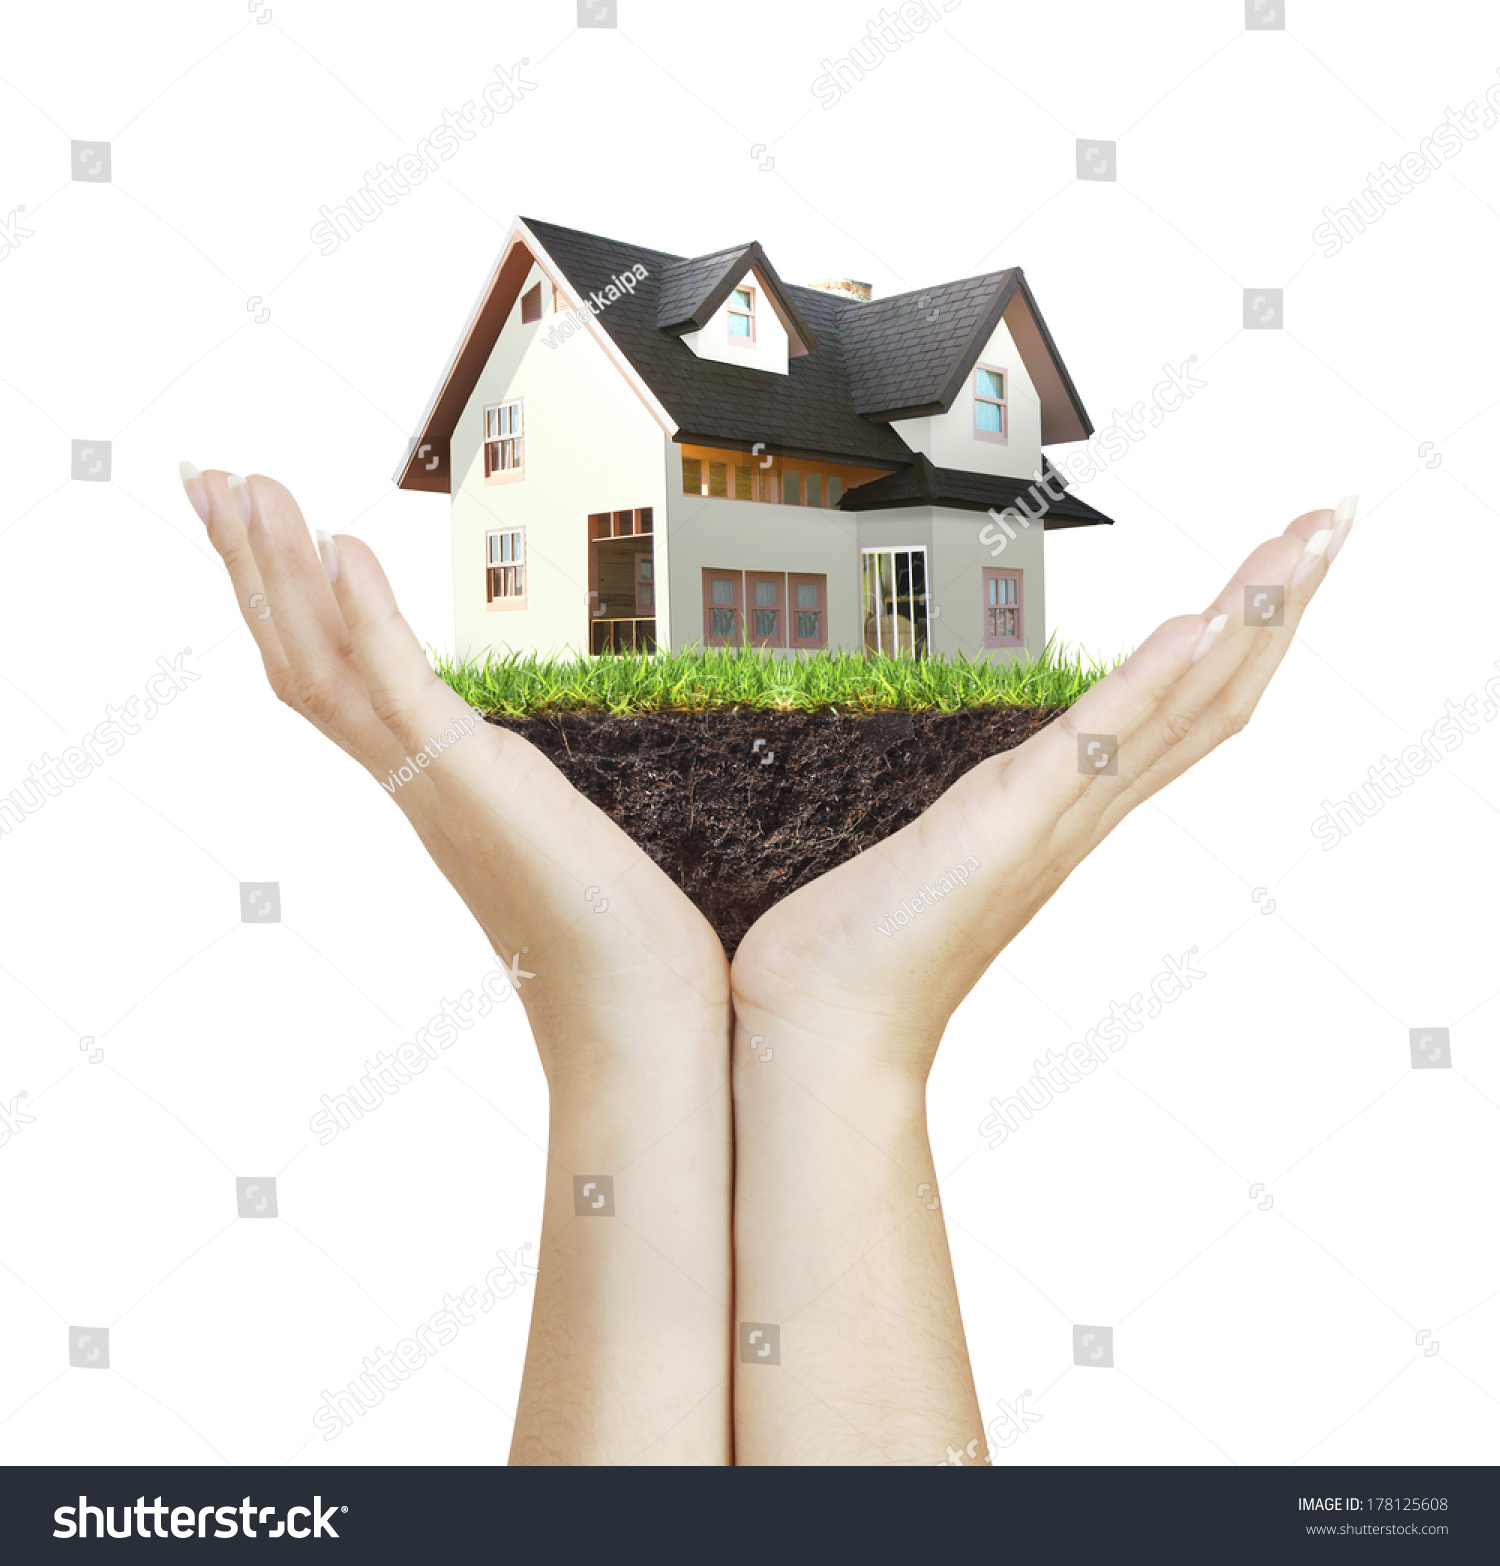 房子风景微信头像